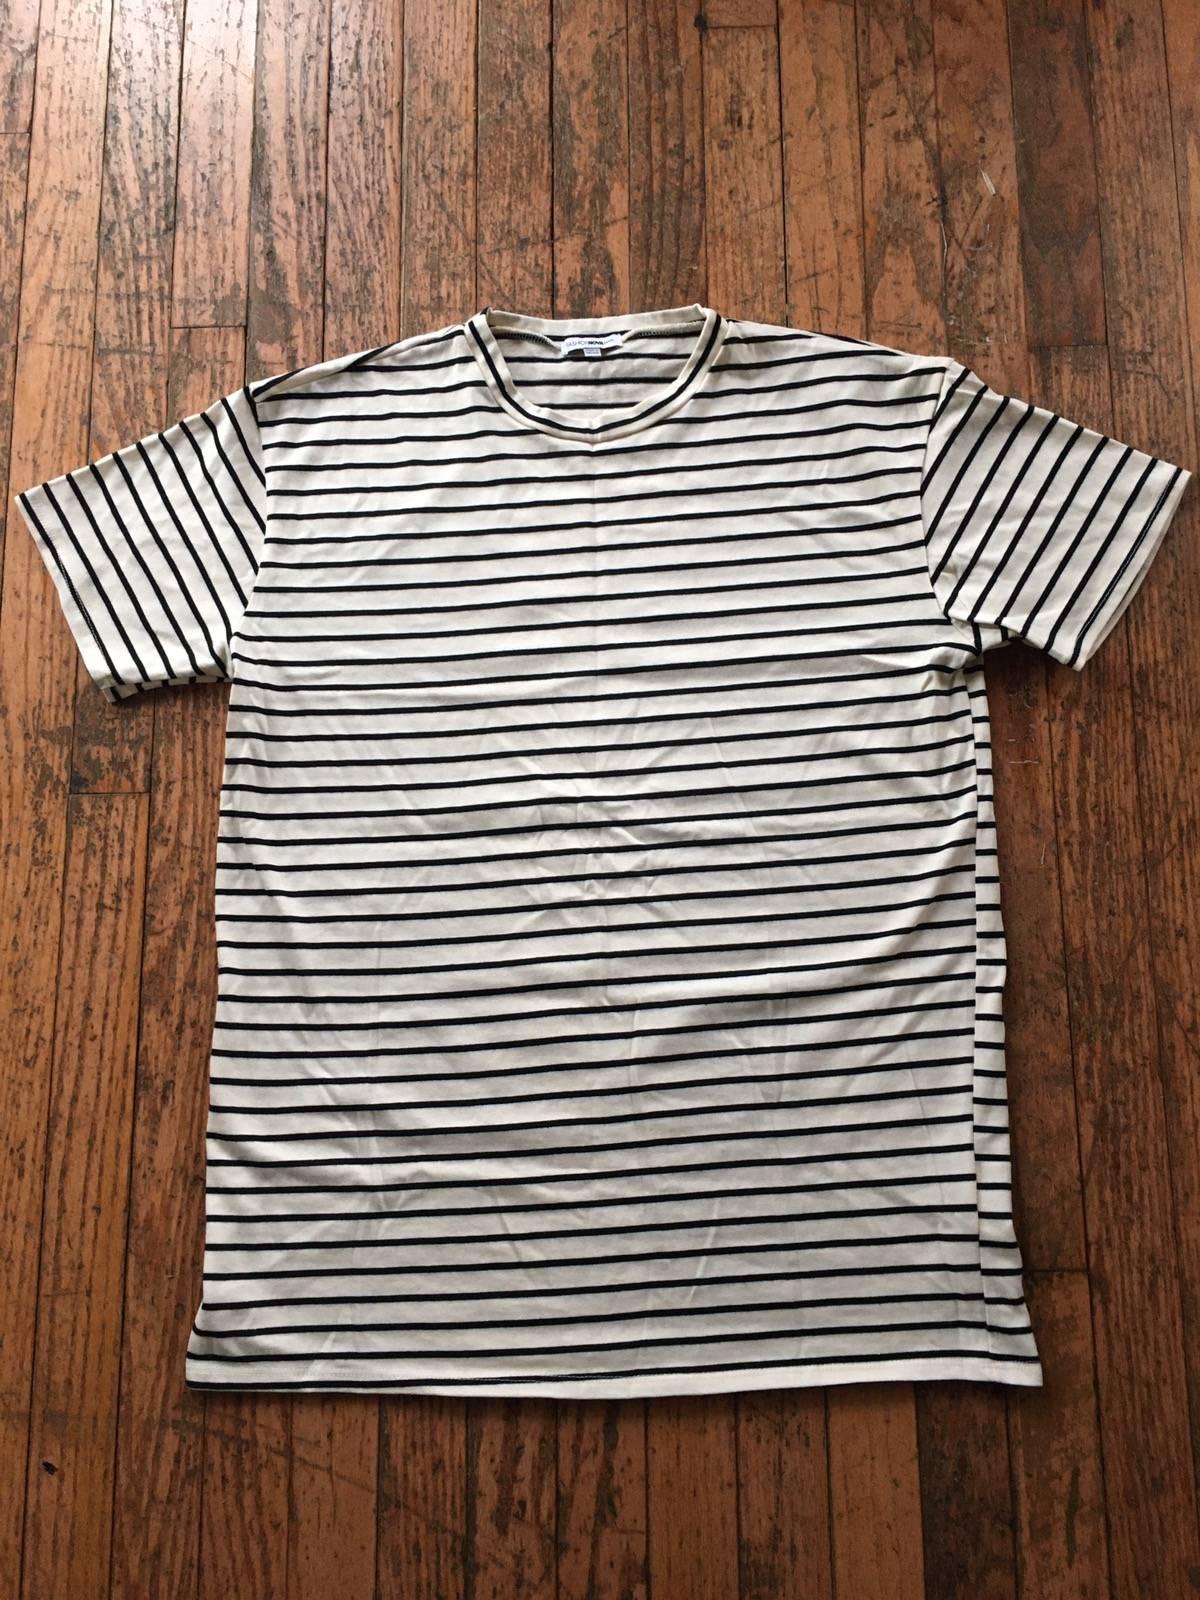 FASHION NOVA MEN SHIRTS Tee Shirt Men's Fashion Nova